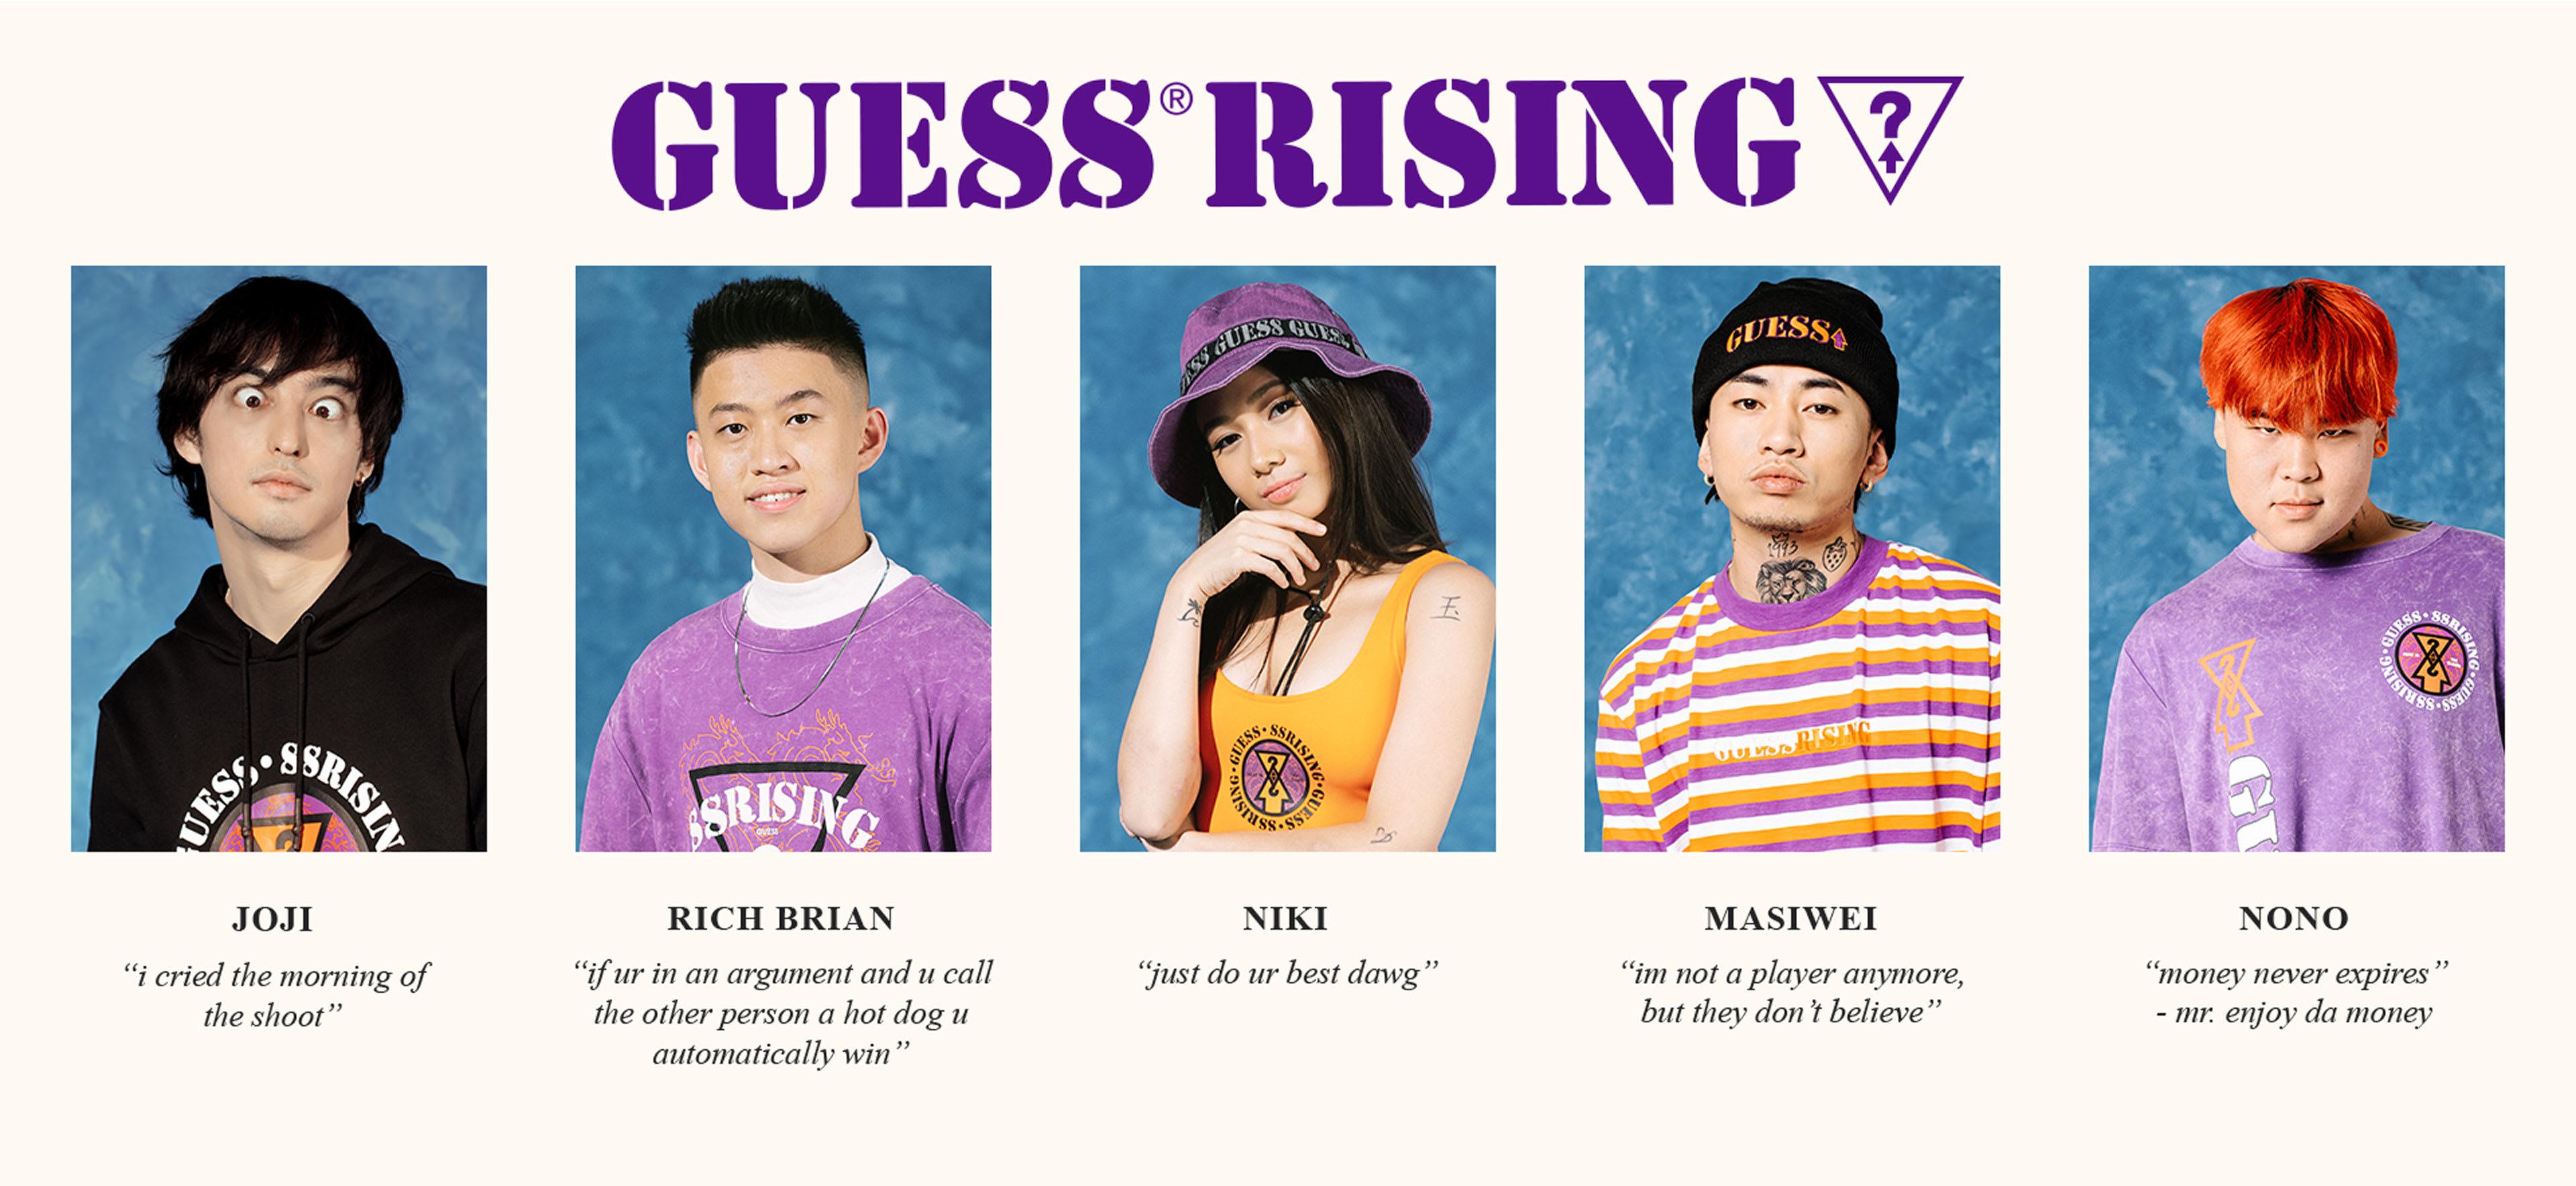 GUESS 88rising